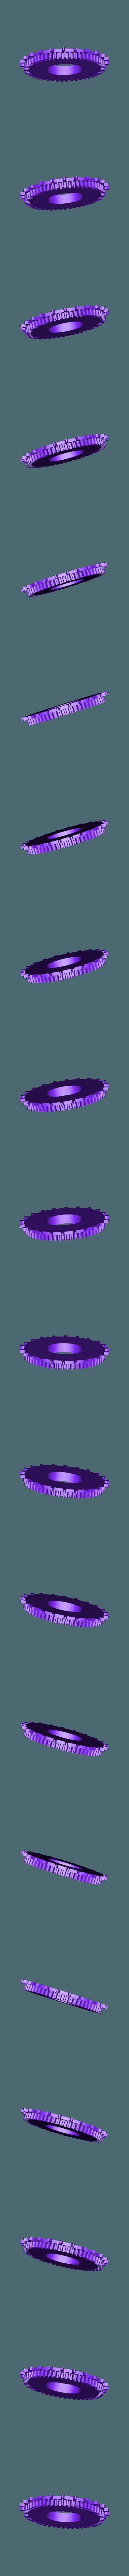 test2_bgr_gear.STL Télécharger fichier STL gratuit Test d'engrenage à vis sans fin d'alimentation OpenPnp SMT imprimé 3D • Modèle à imprimer en 3D, jtronics